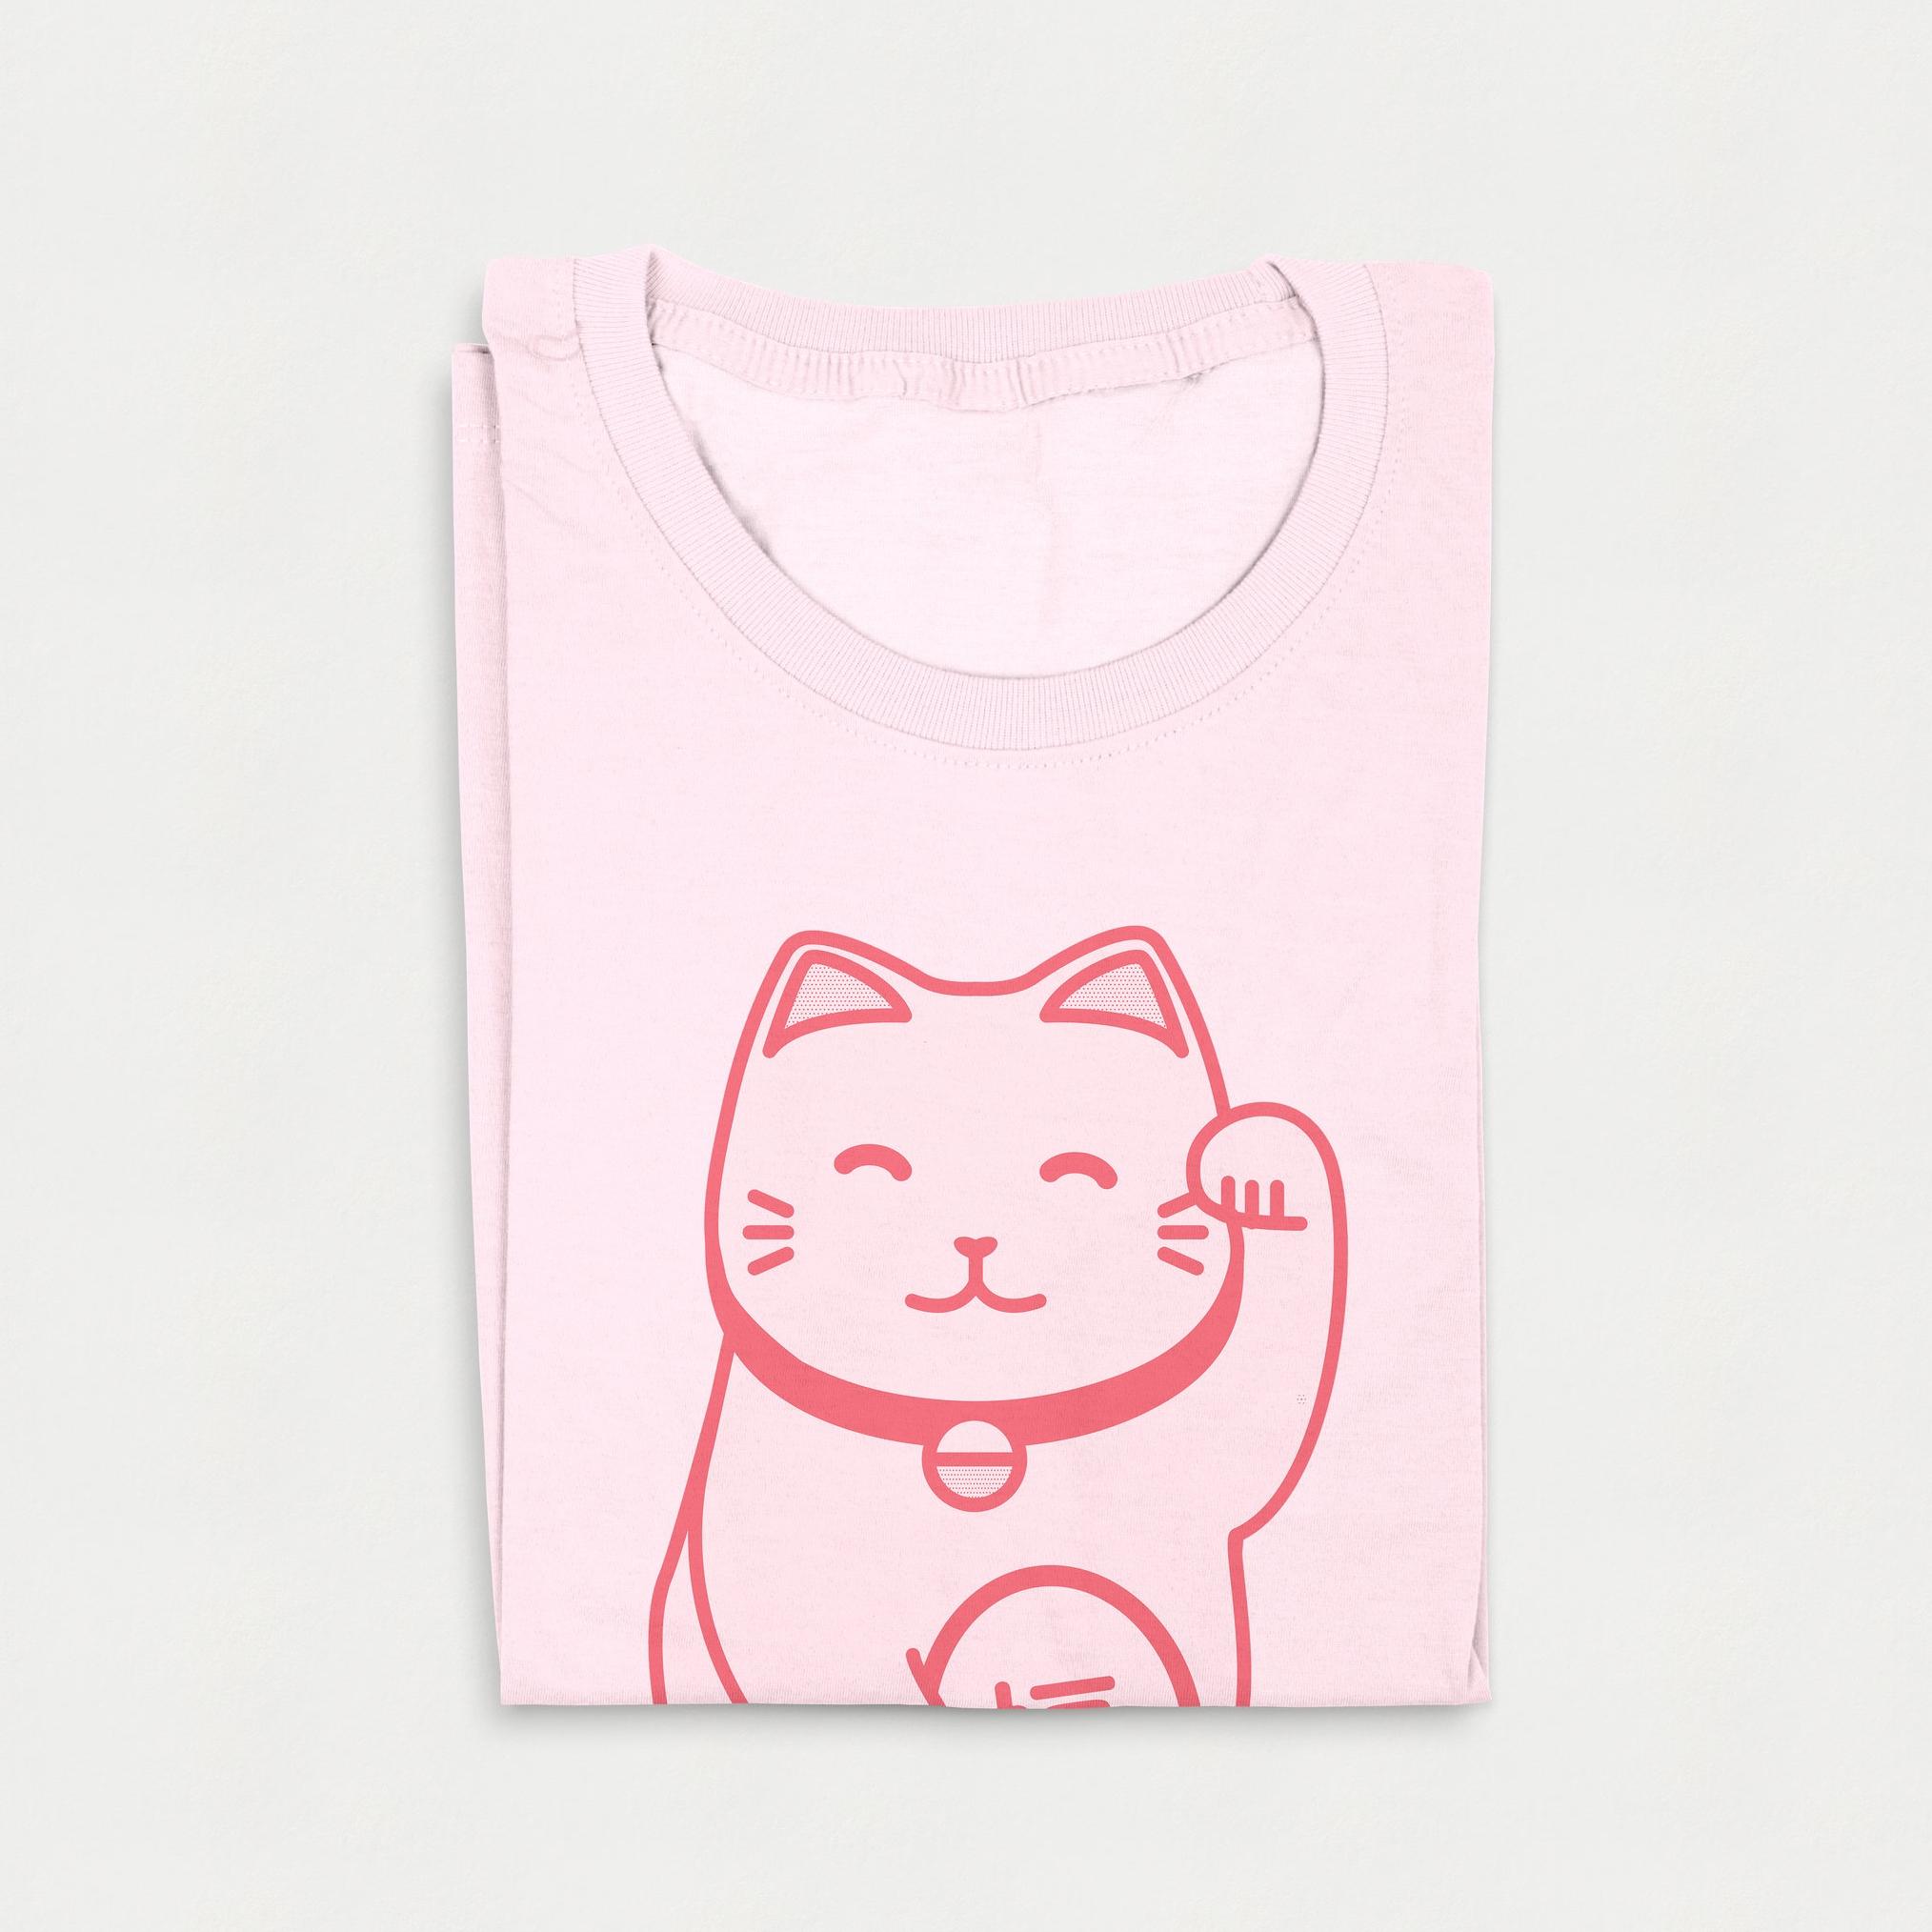 fcc-shirt-mockup.jpg